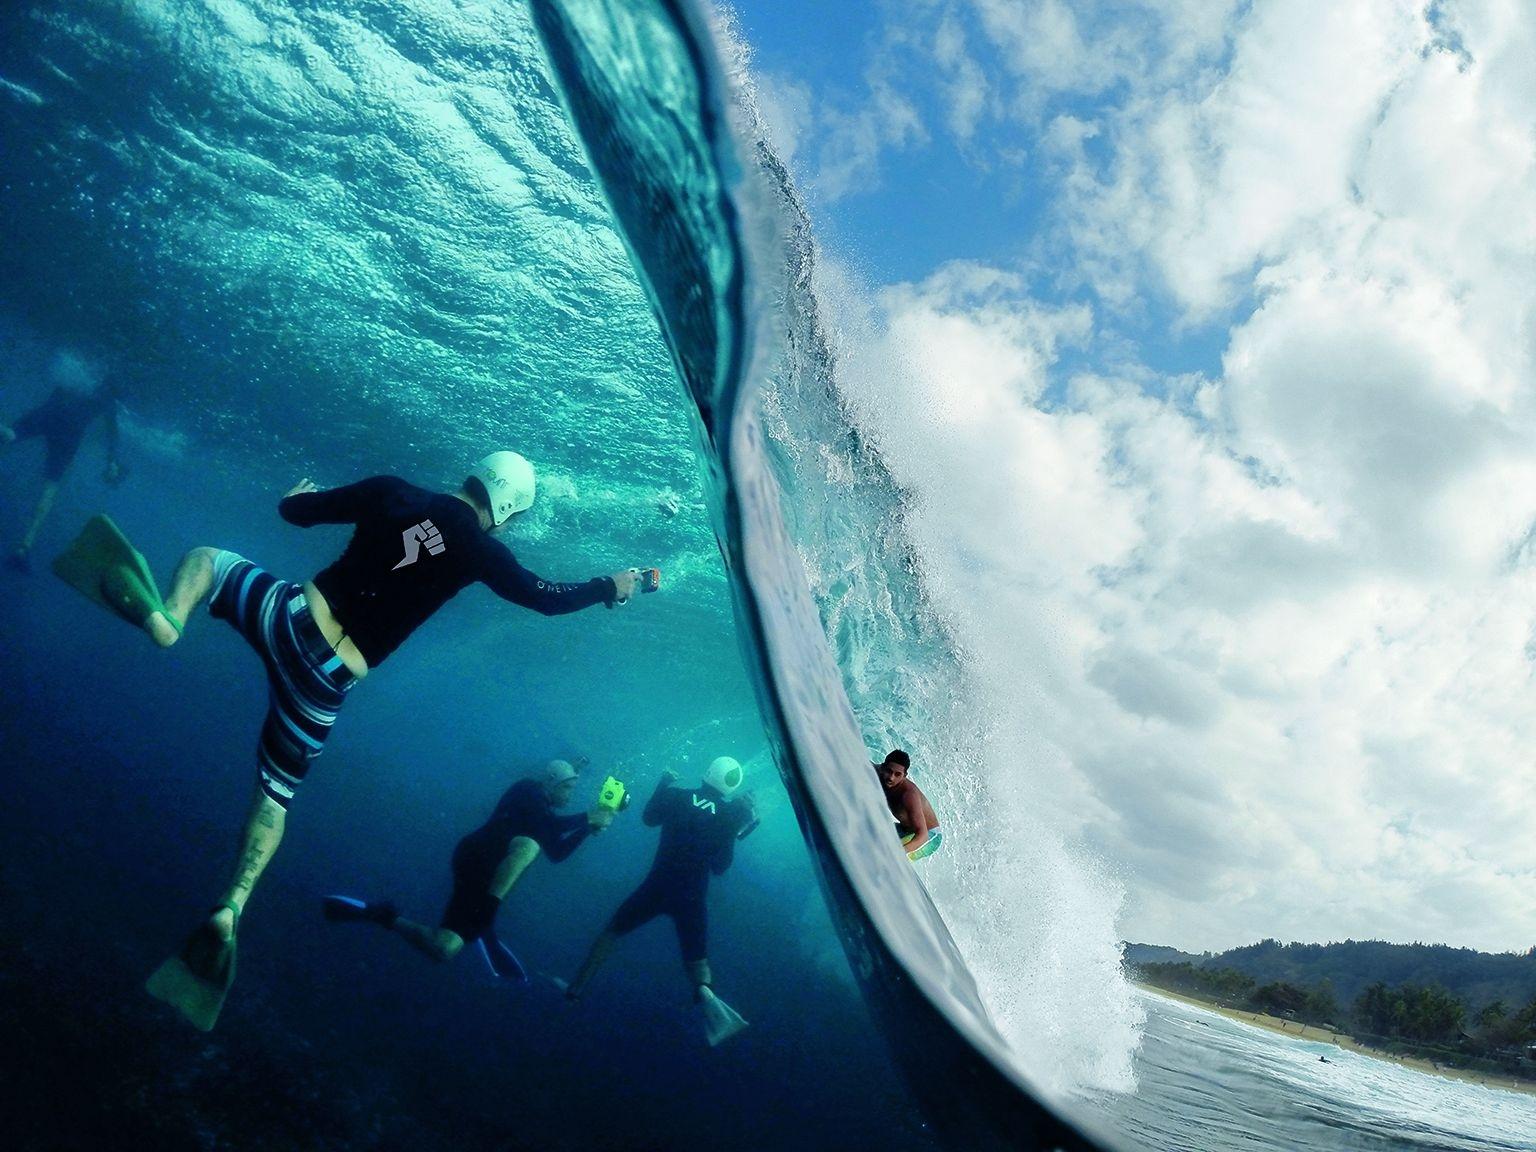 美國。隨著浪頭在夏威夷歐胡島北岸水域開始落下,兩個世界清楚呈現出來。在右邊,一名衝浪客進入管浪中。在左邊,水中的攝影師則在跟拍他的衝浪過程。北岸的觀光客眾多,同時也是當地衝浪客一展身手的地方。PHOTO: SASH FITZSIMMONS